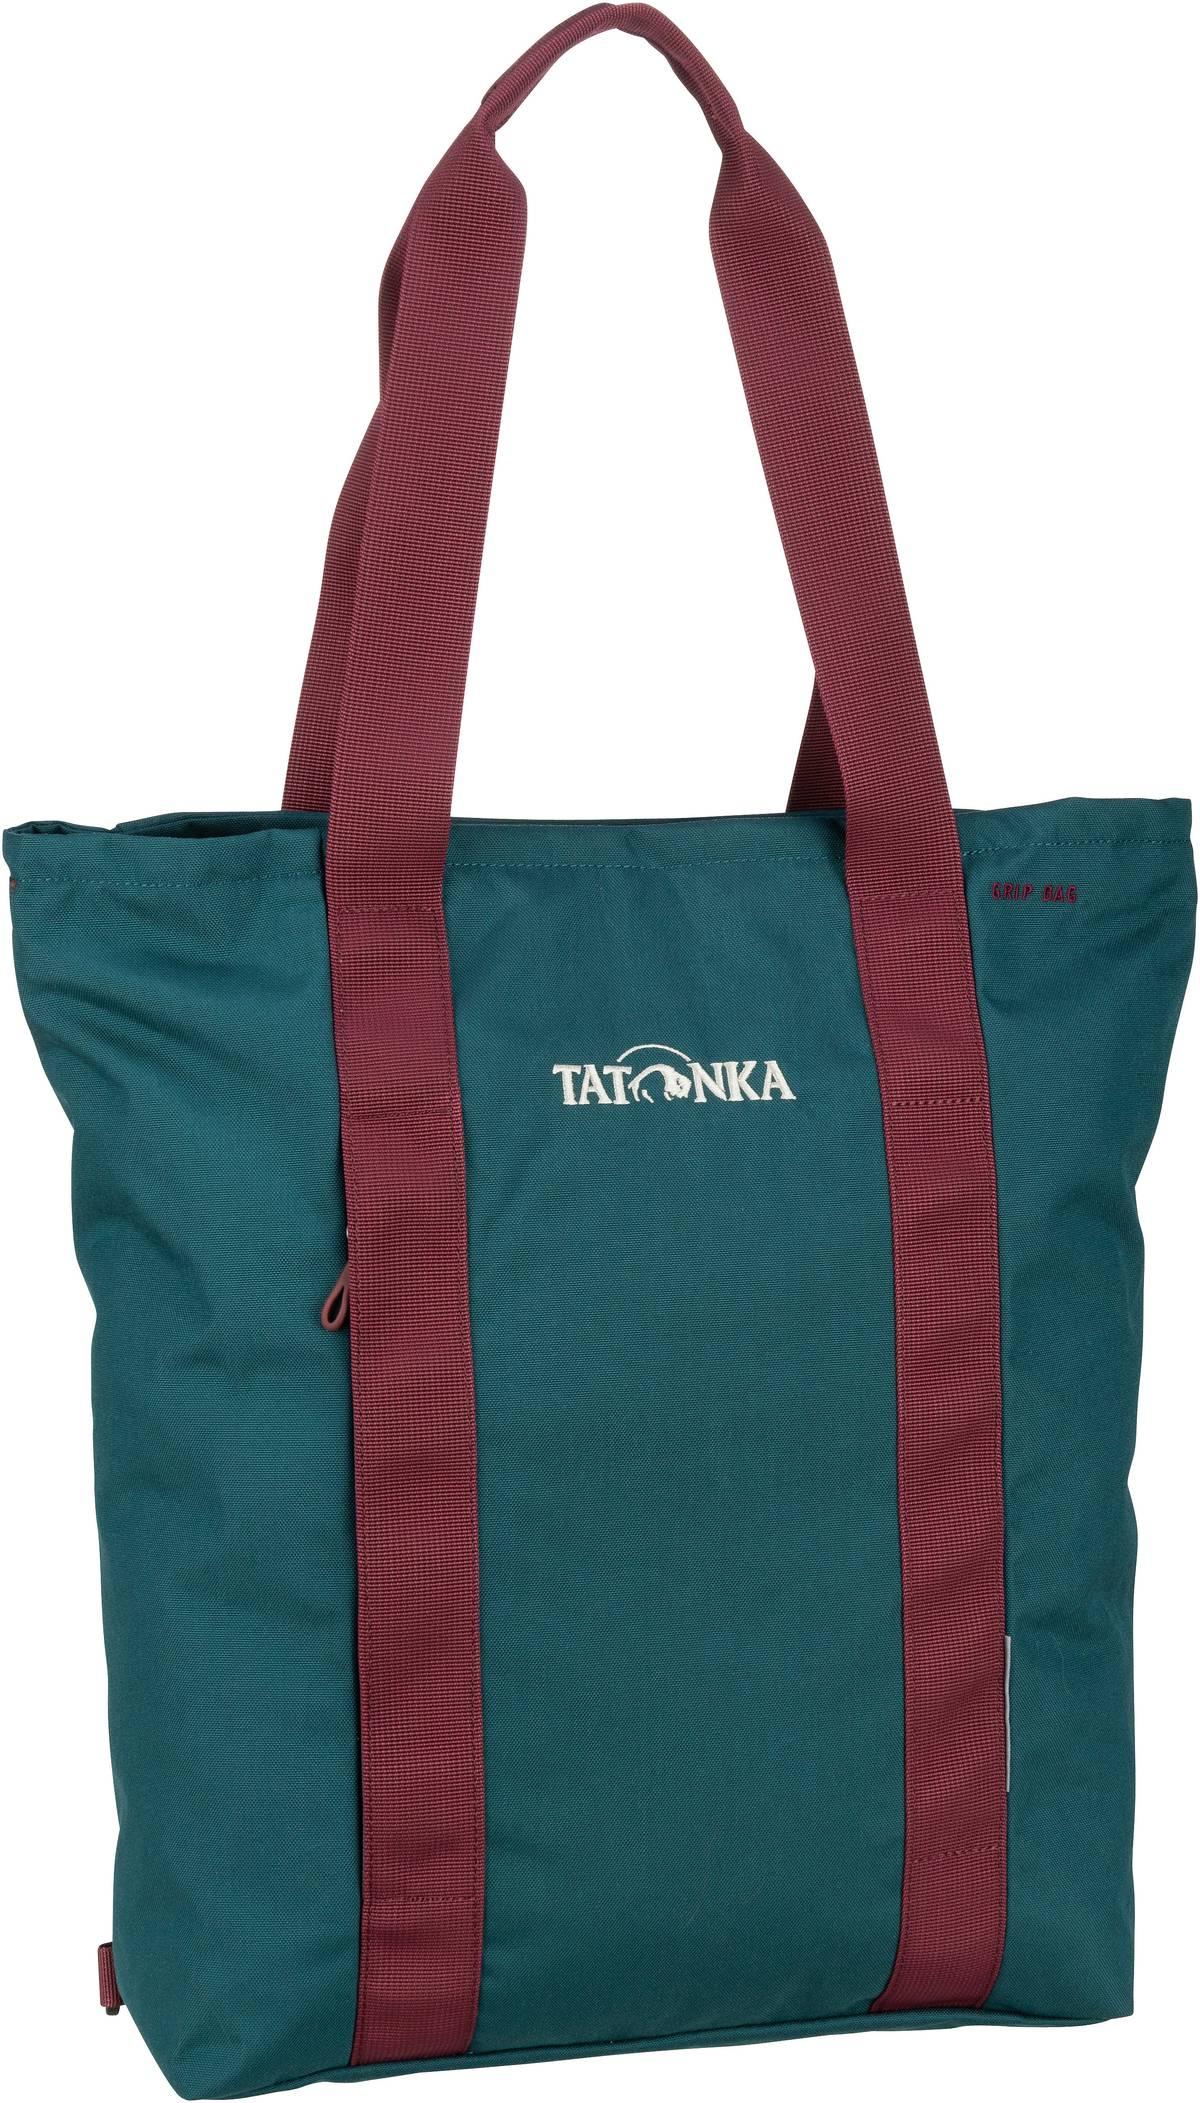 Handtasche Grip Bag Teal Green (20 Liter)